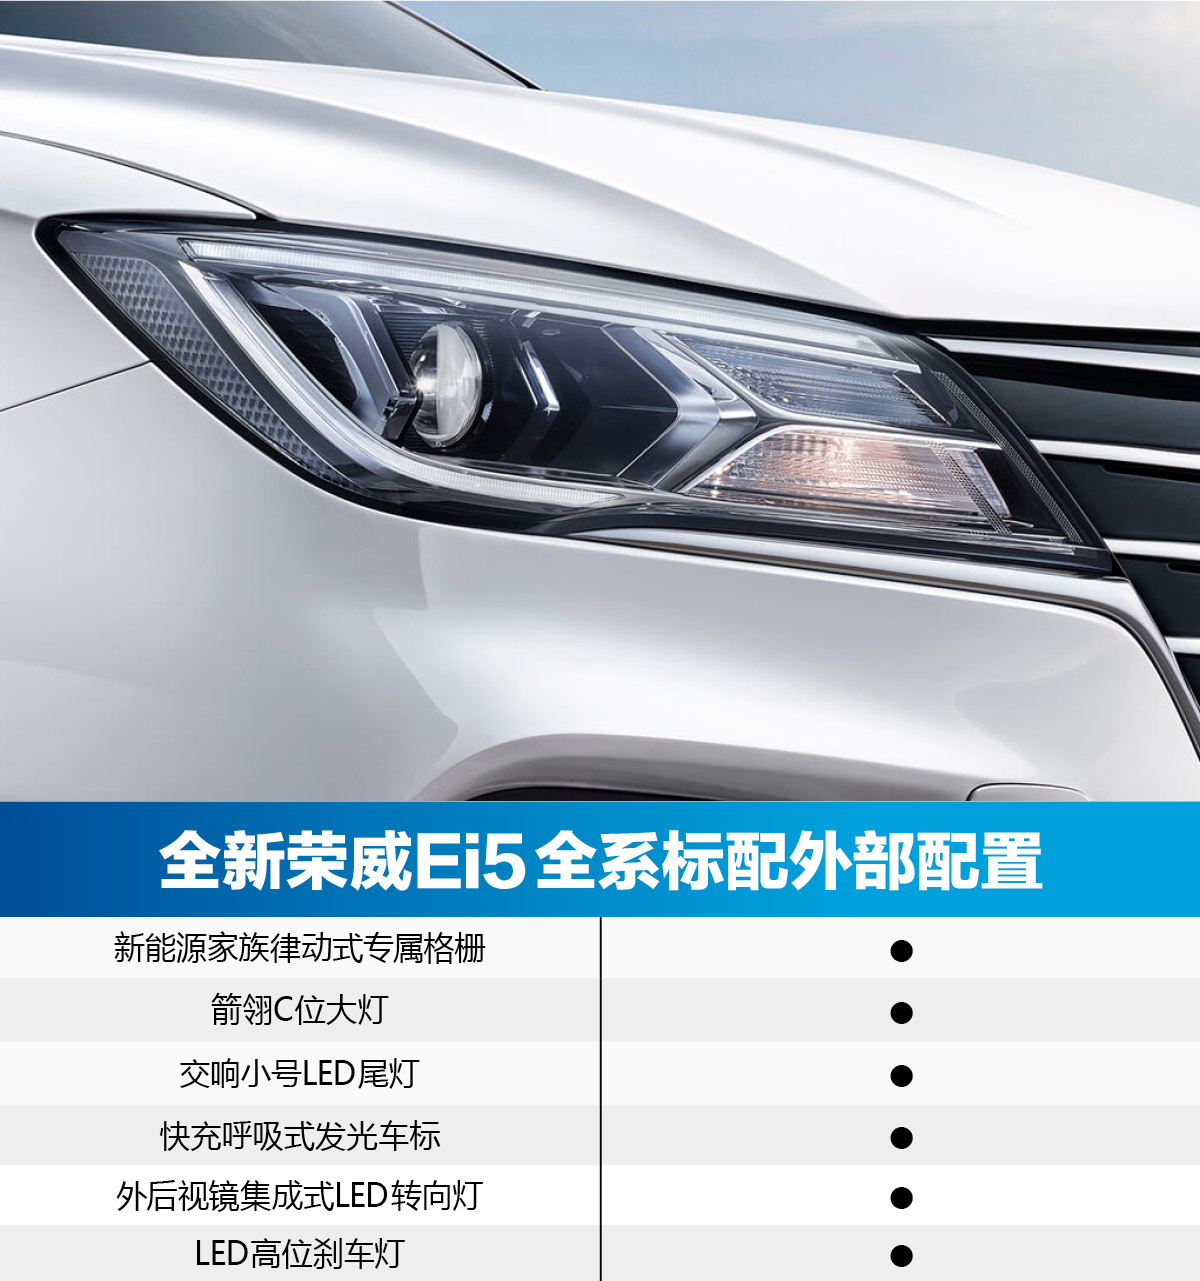 首推豪华版 全新荣威Ei5购车手册